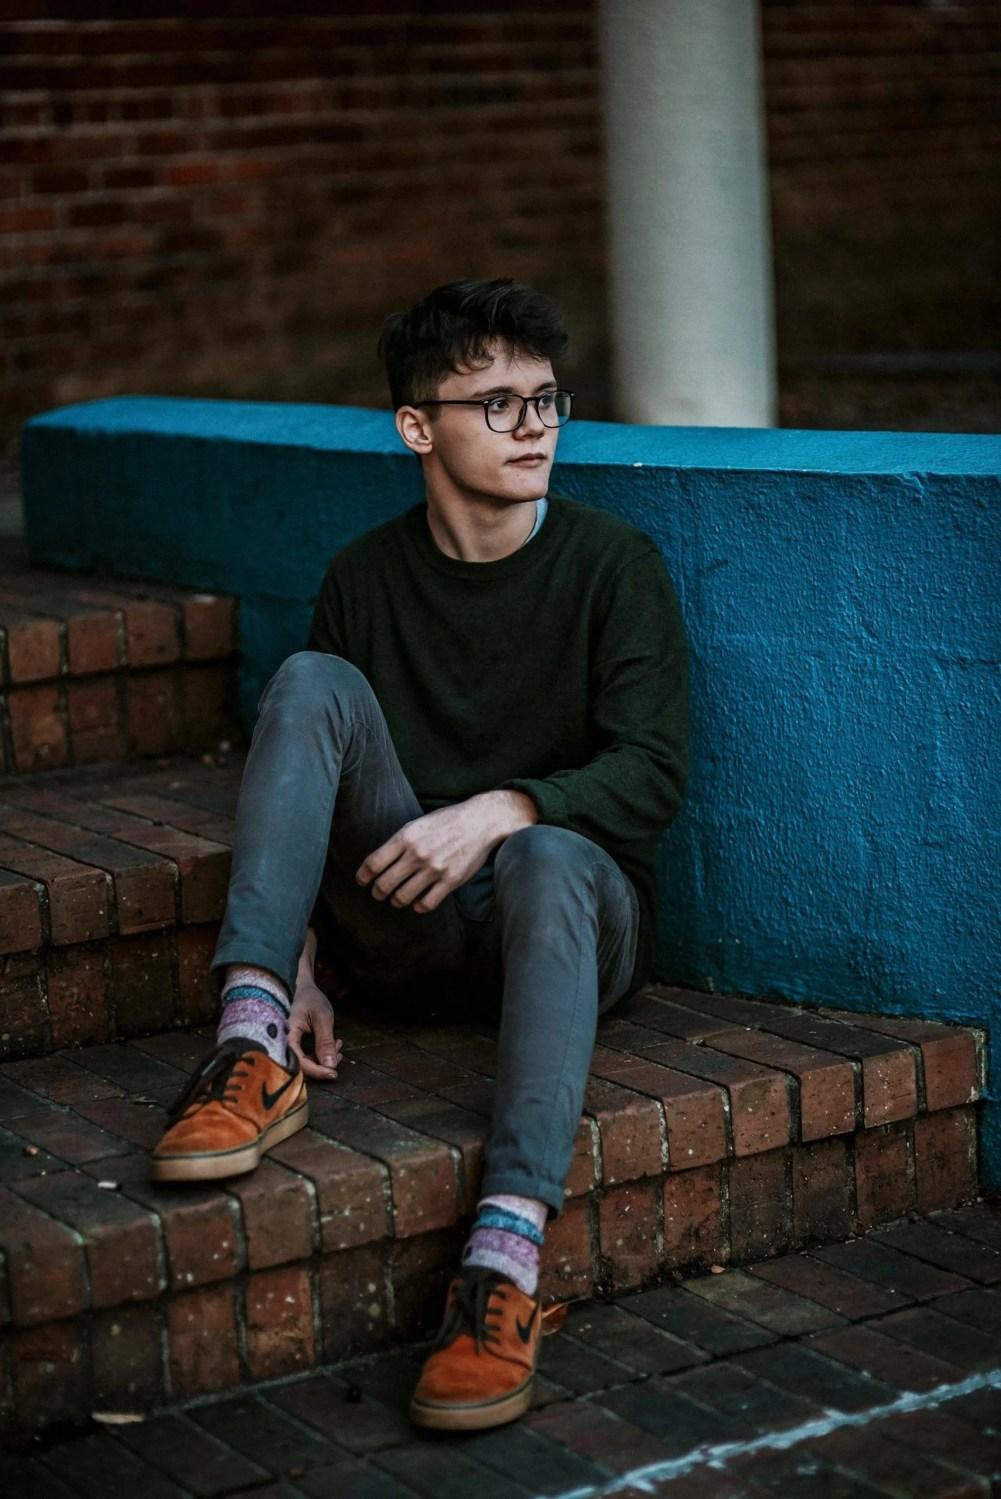 high school senior male on steps near blue wall